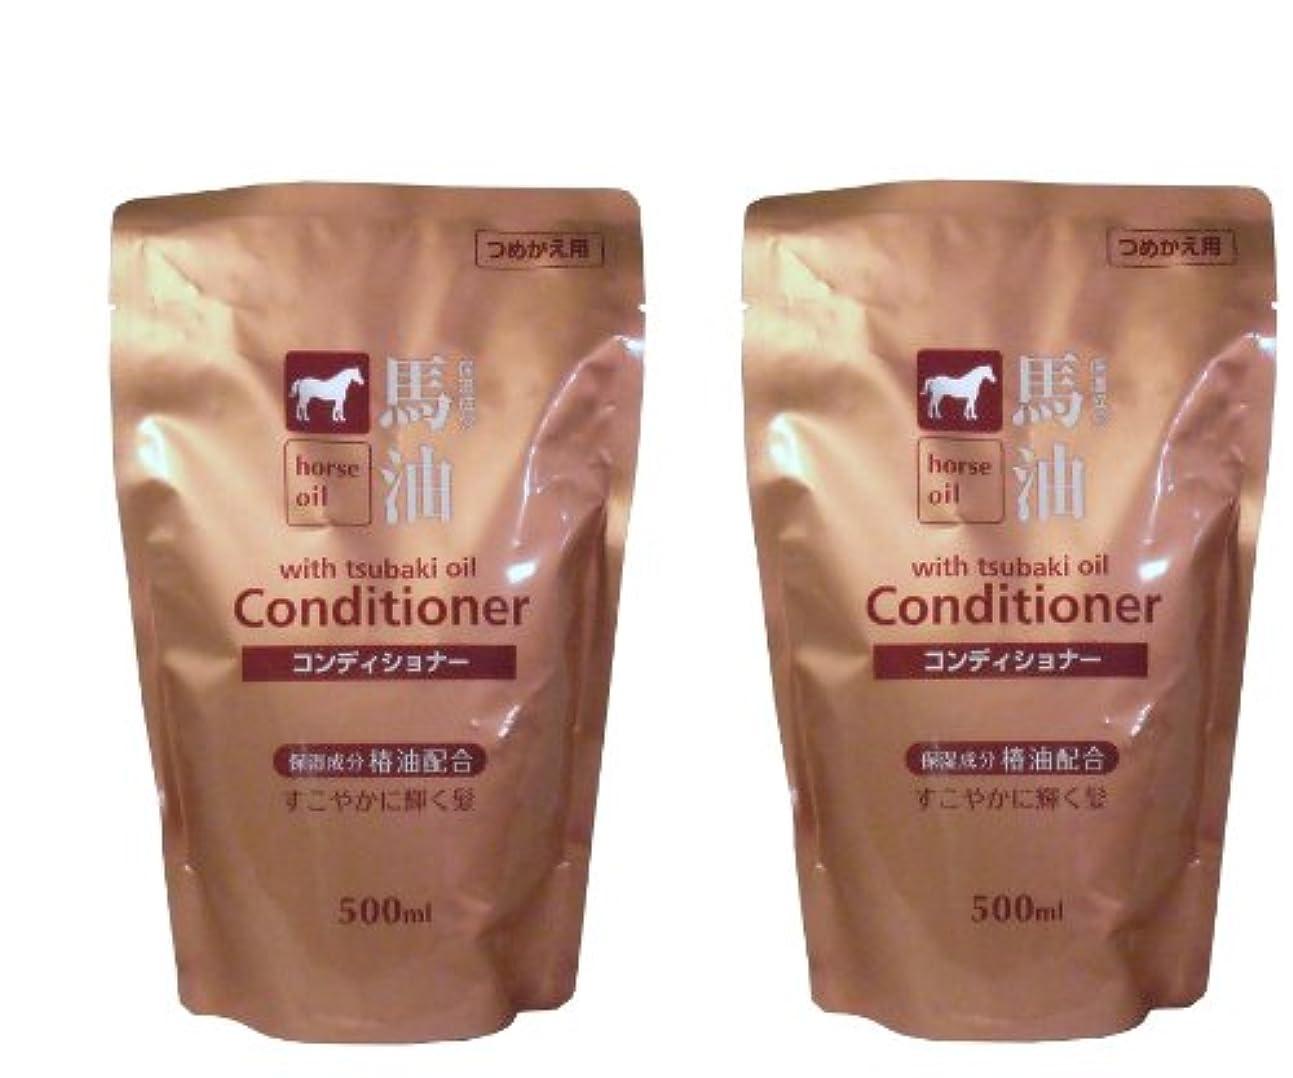 クレジット矛盾狂気馬油コンディショナー 椿油配合 詰替え用 2個セット(各500mL)  【日本製】